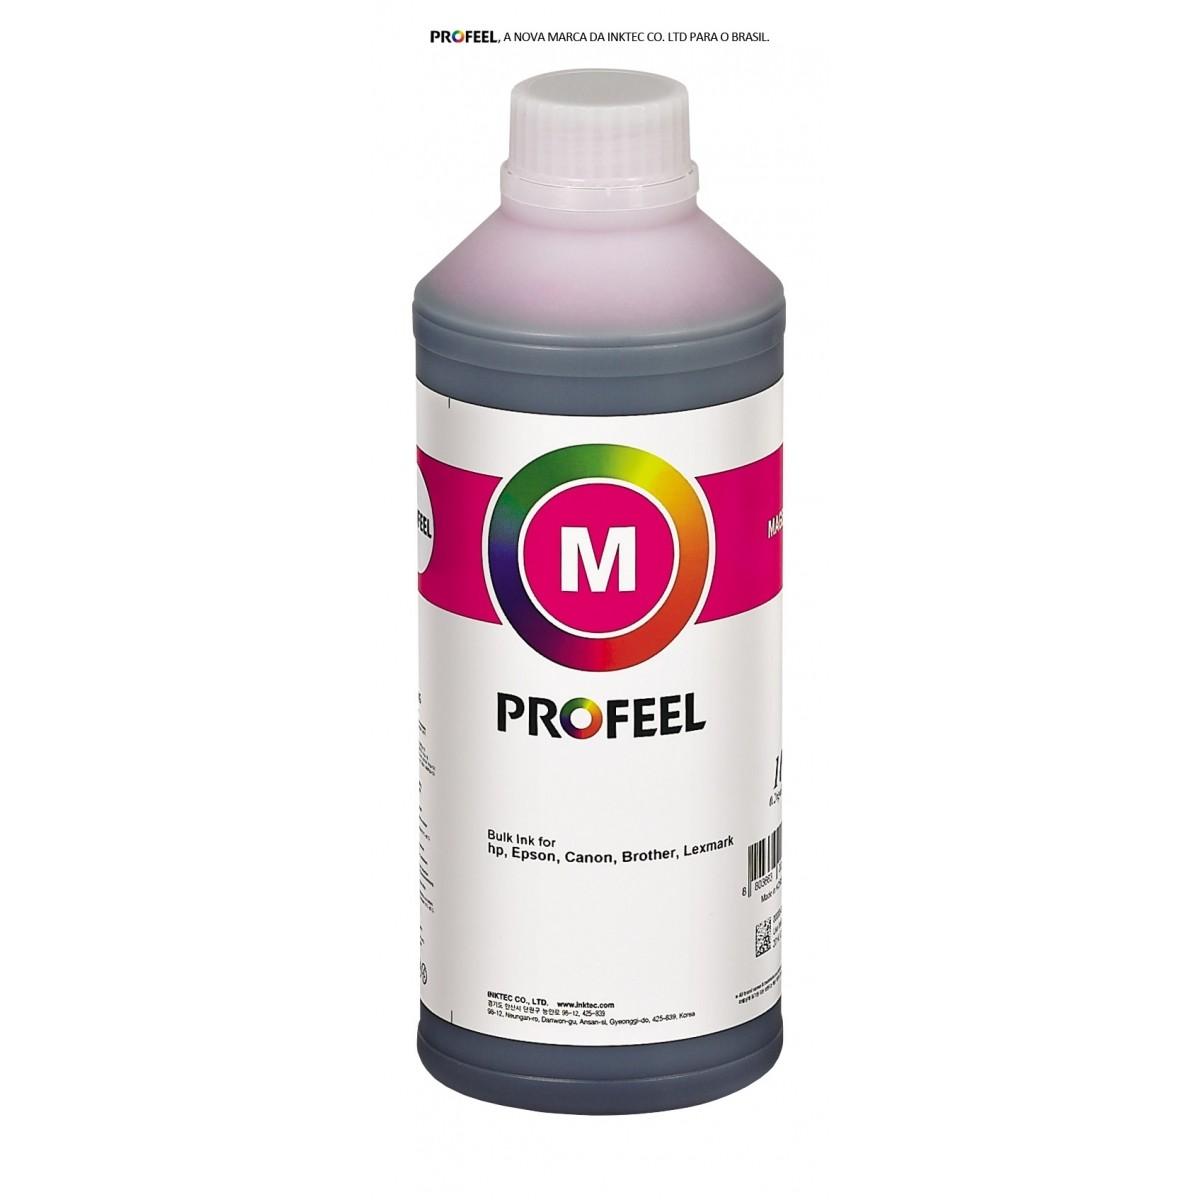 Tinta corante InkTec Profeel para Brother | modelo B1100-01LM | Frasco de 1 litro | Cor : Magenta